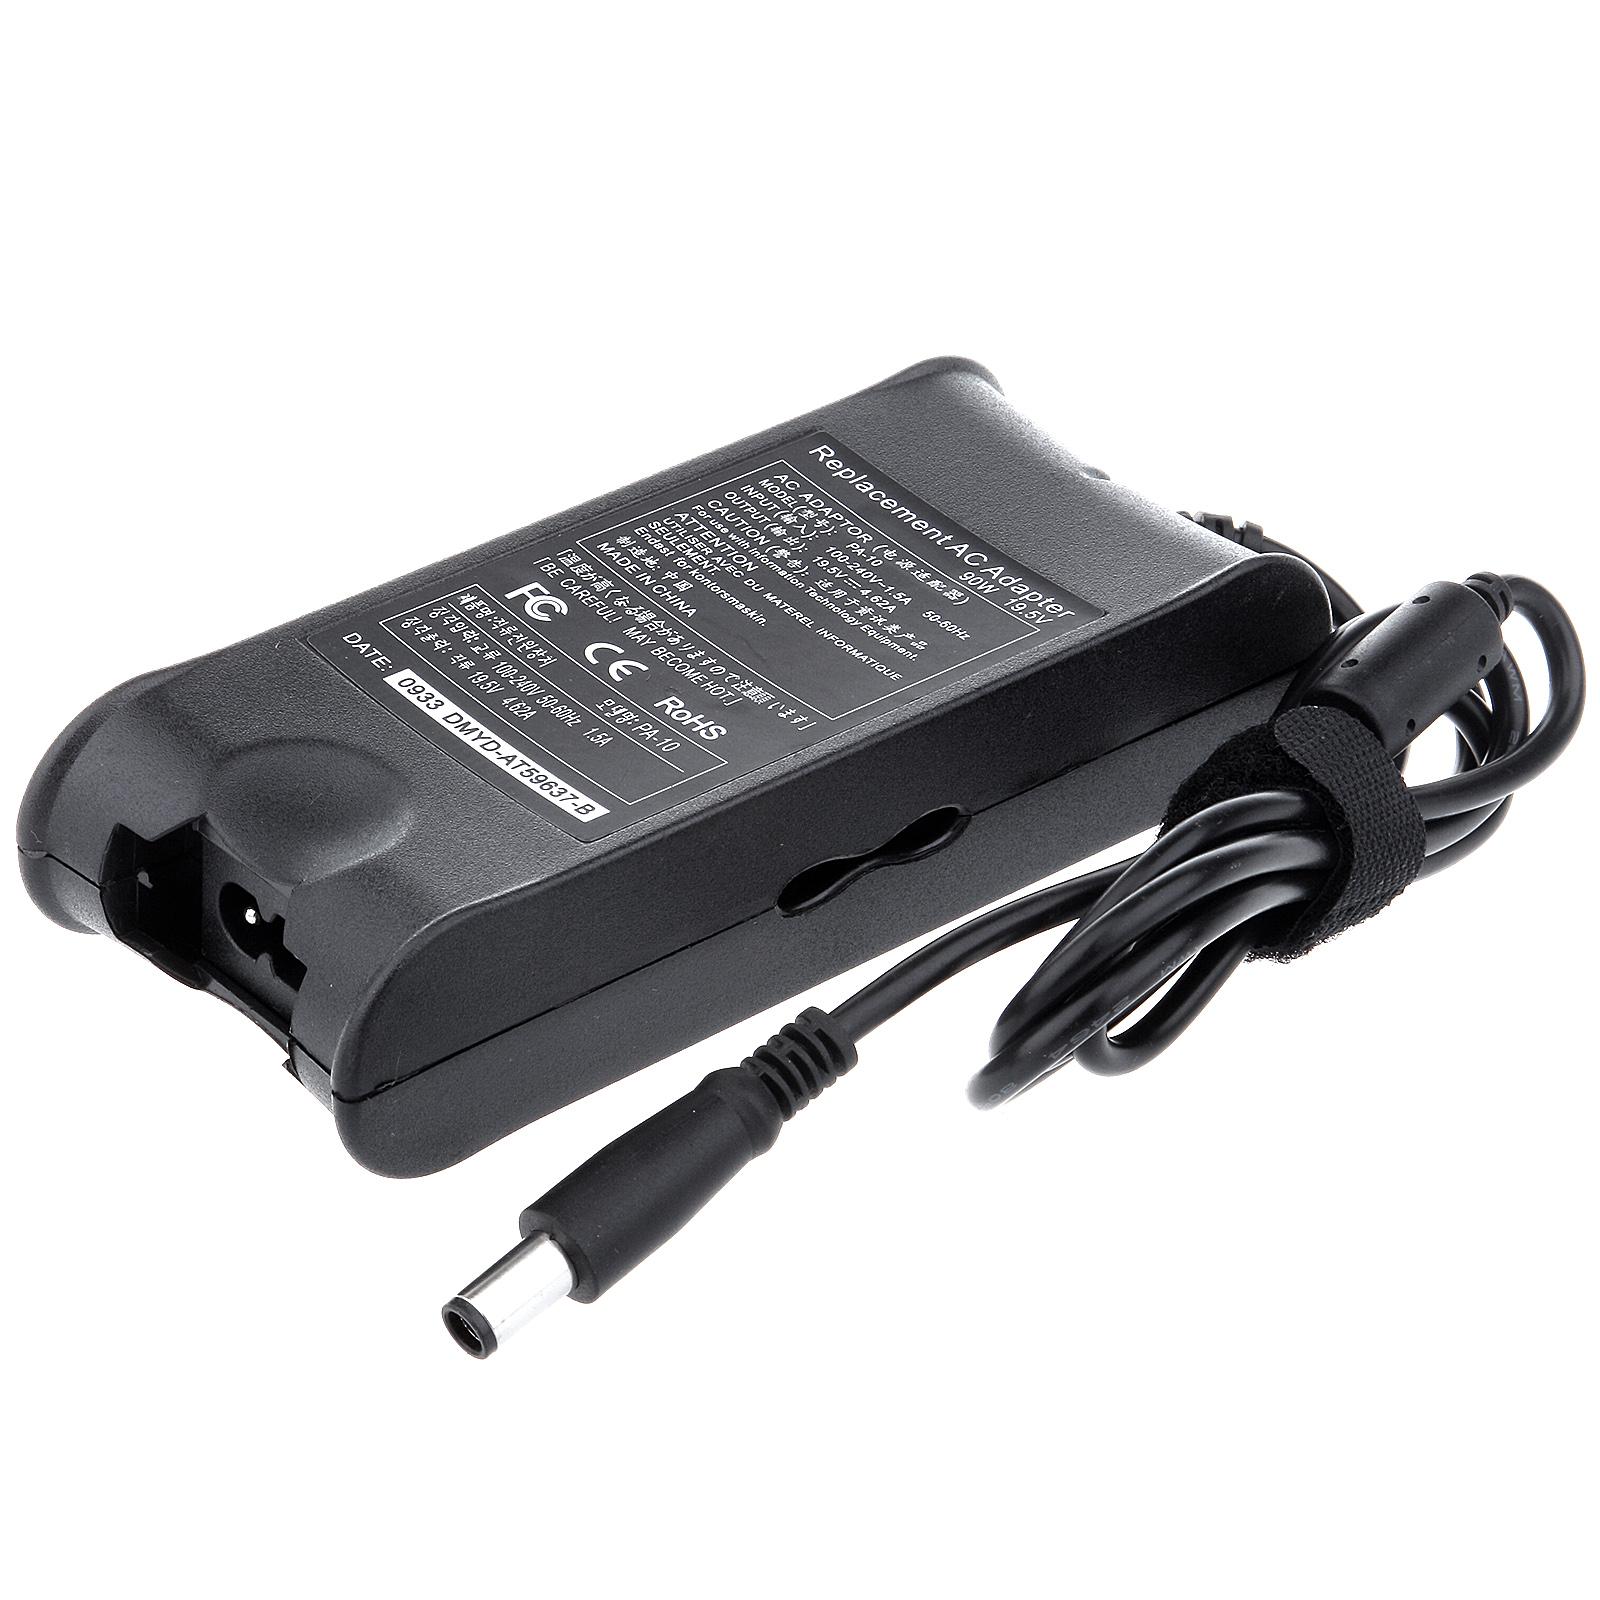 90W AC Power Adapter for Dell Latitude E5510 E6400 E6410 E6410 E6510 Supply Cord